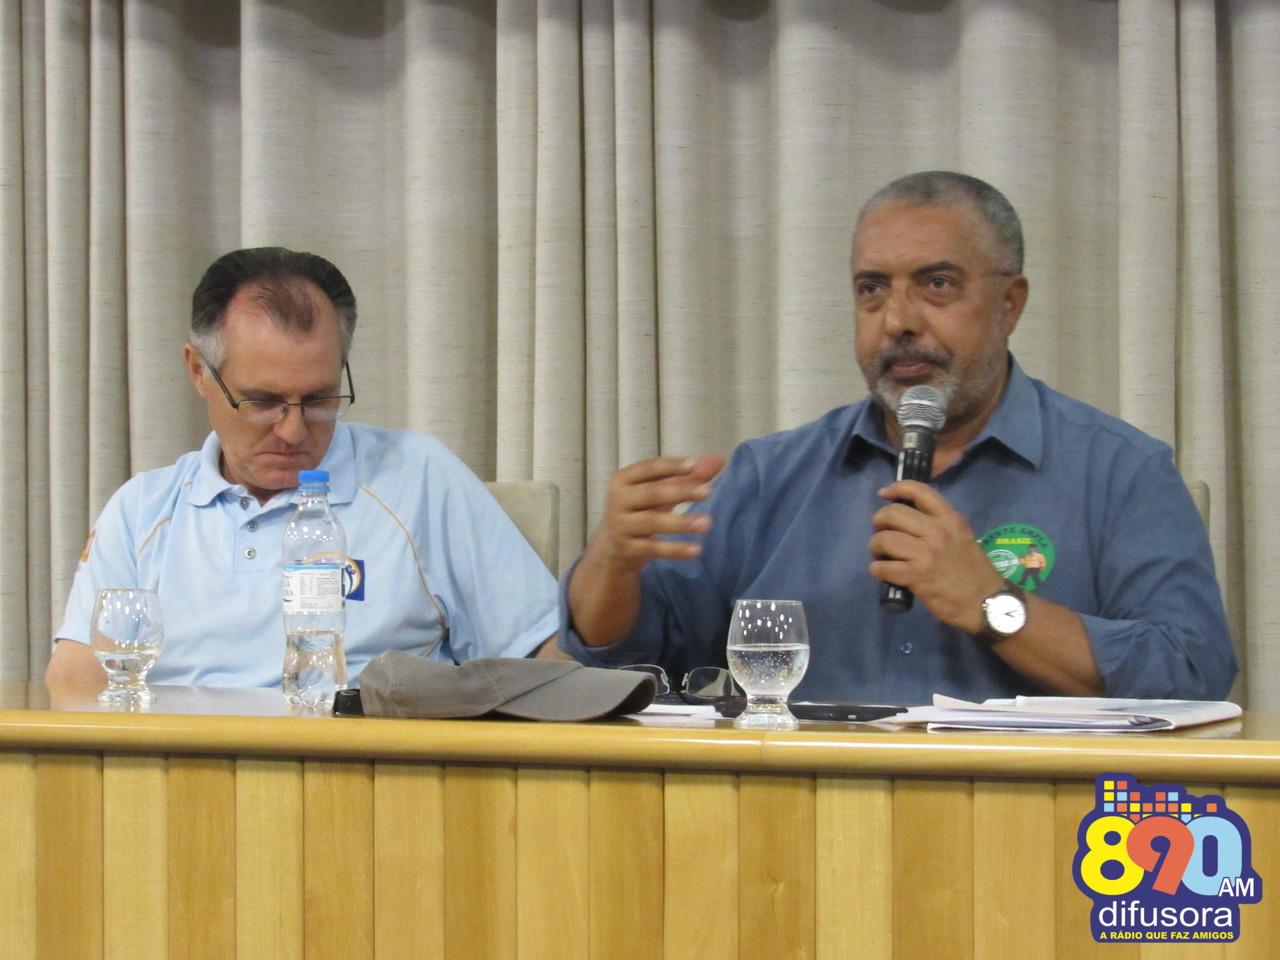 Sitracom-BG recebe senador Paulo Paim em palestra na sede da entidade